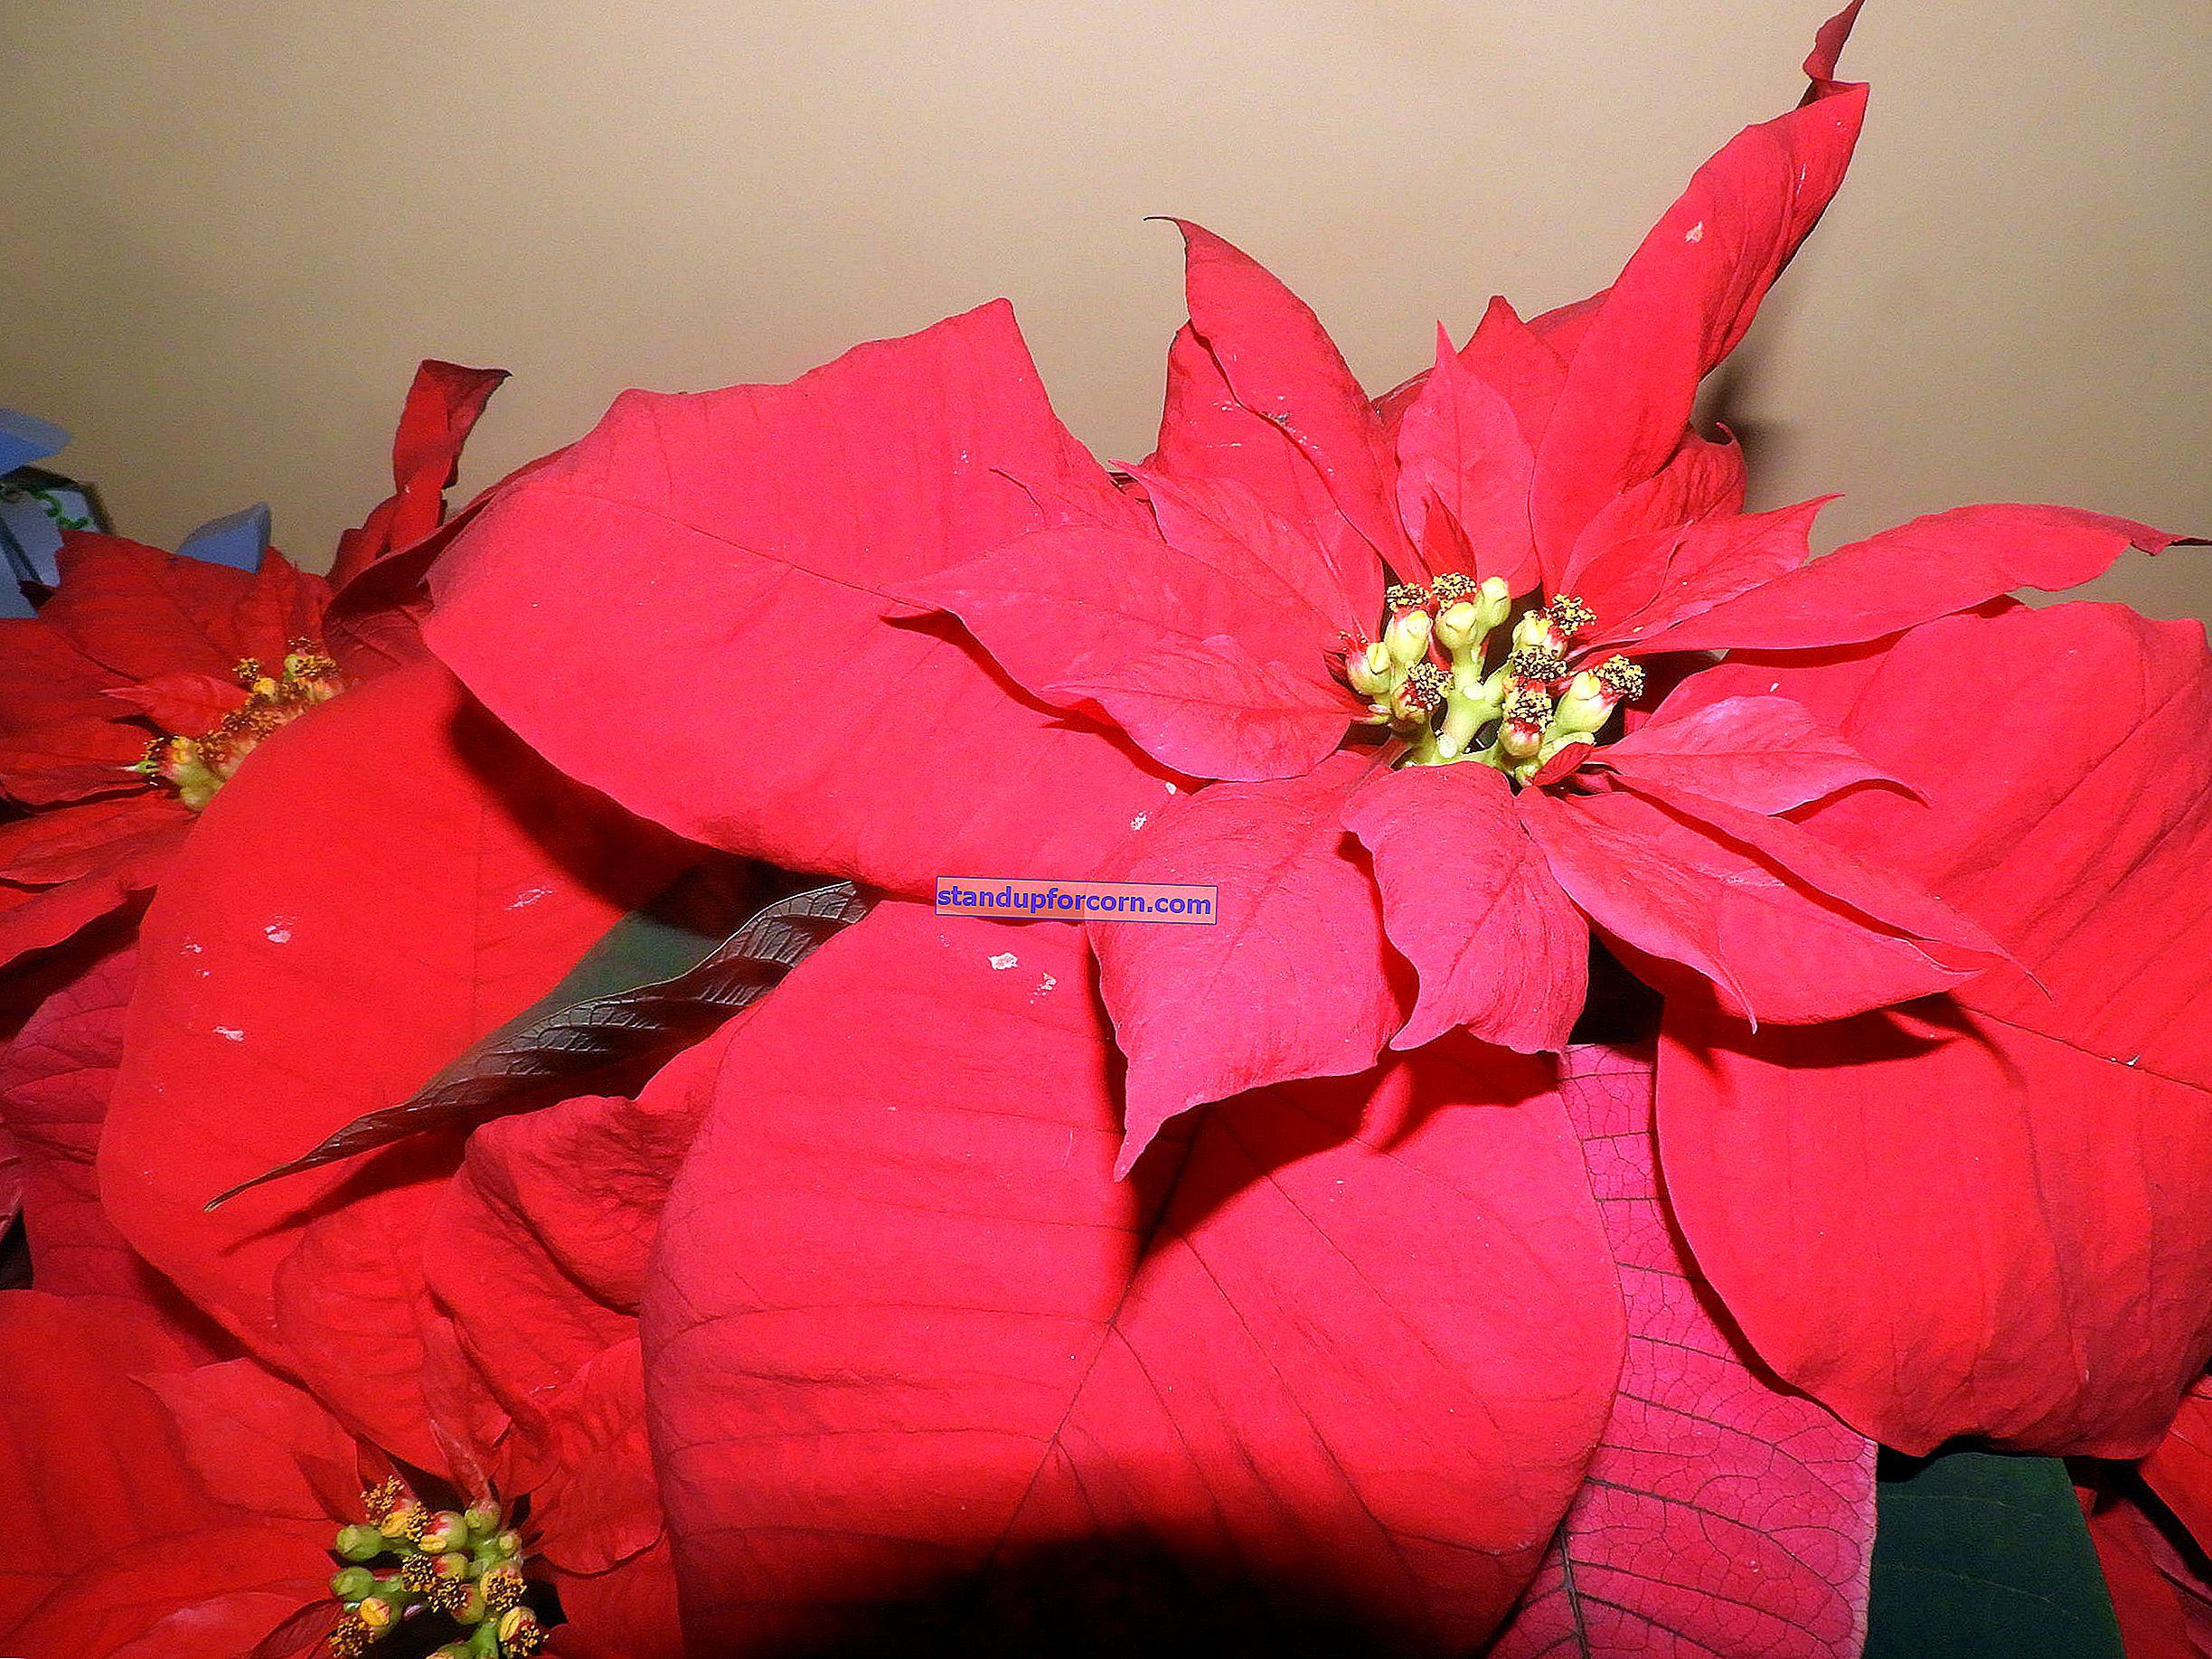 Bethlehem yıldızı, Atatürk çiçeği - yetiştirme, bakım, kışlama